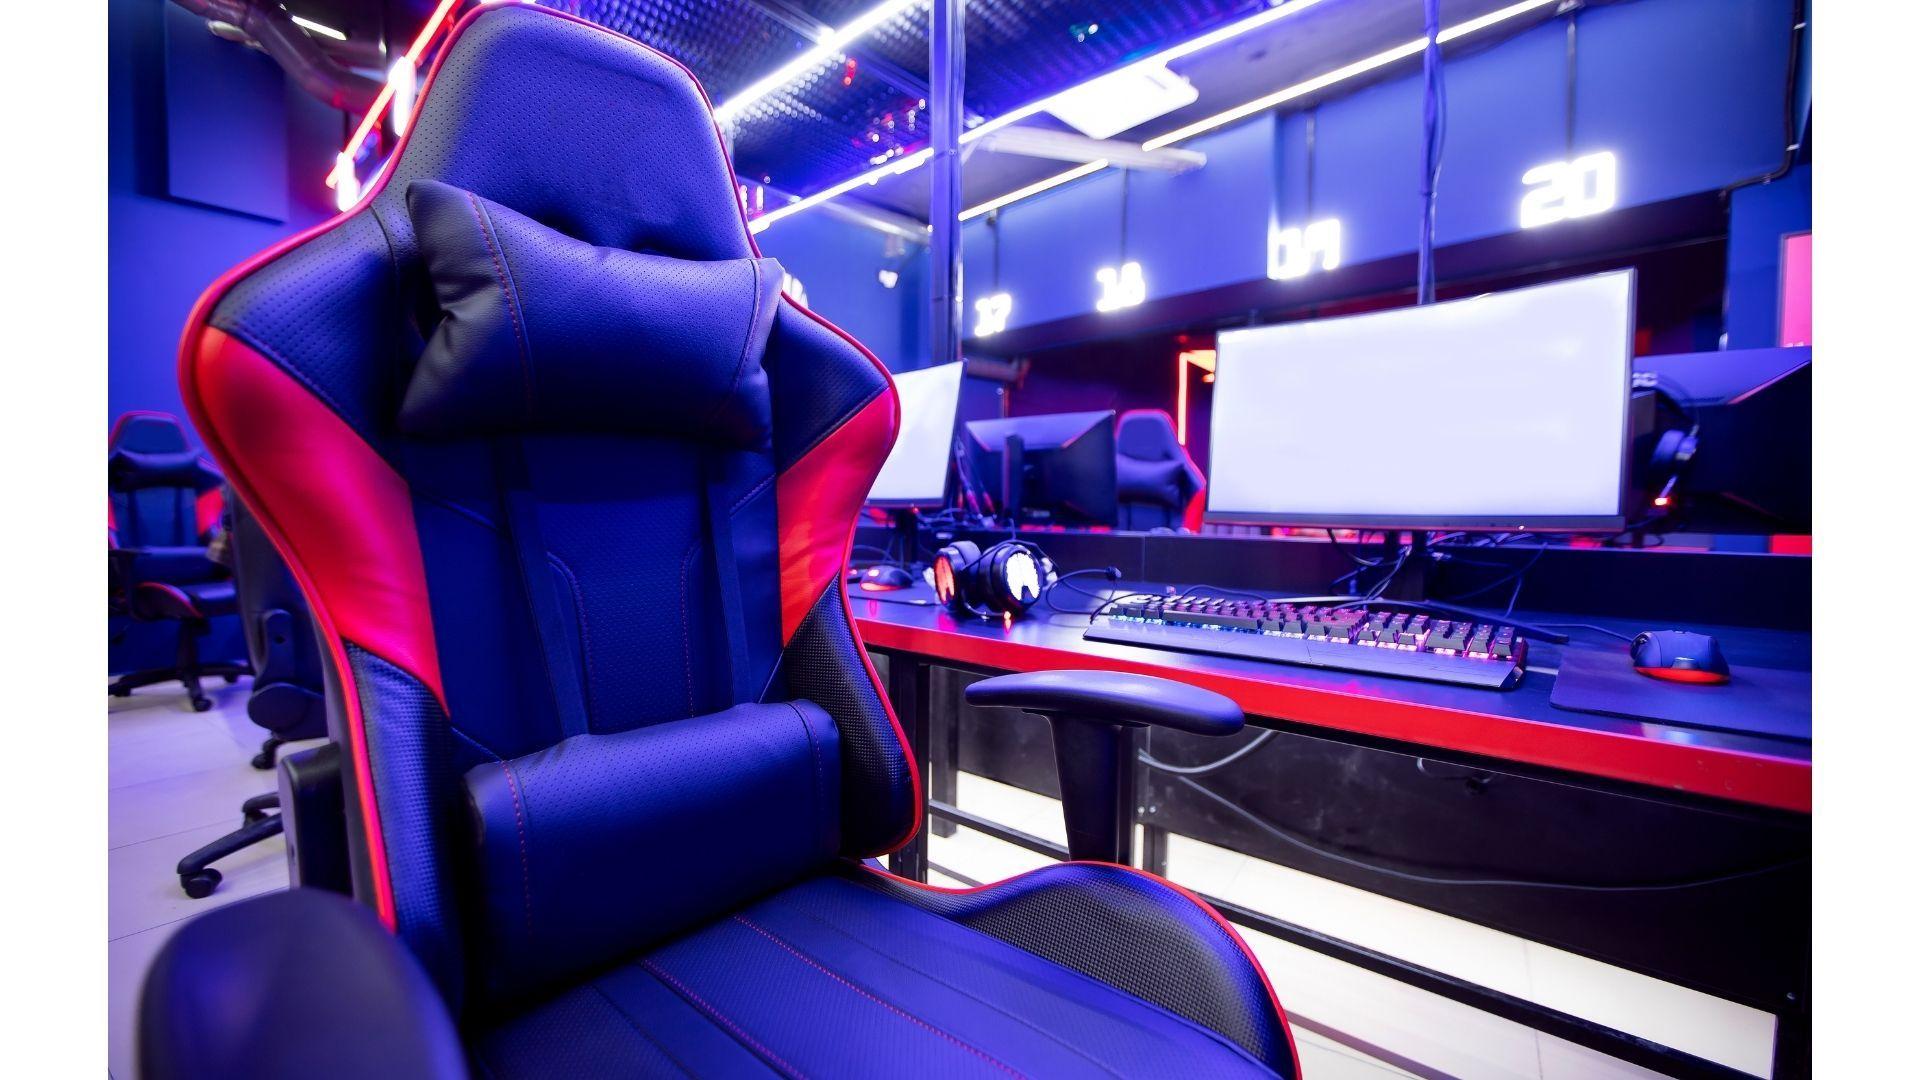 Veja as melhores indicações de cadeira gamer vermelha para 2021 e garanta mais conforto para suas jogatinas (Foto: Shutterstock)